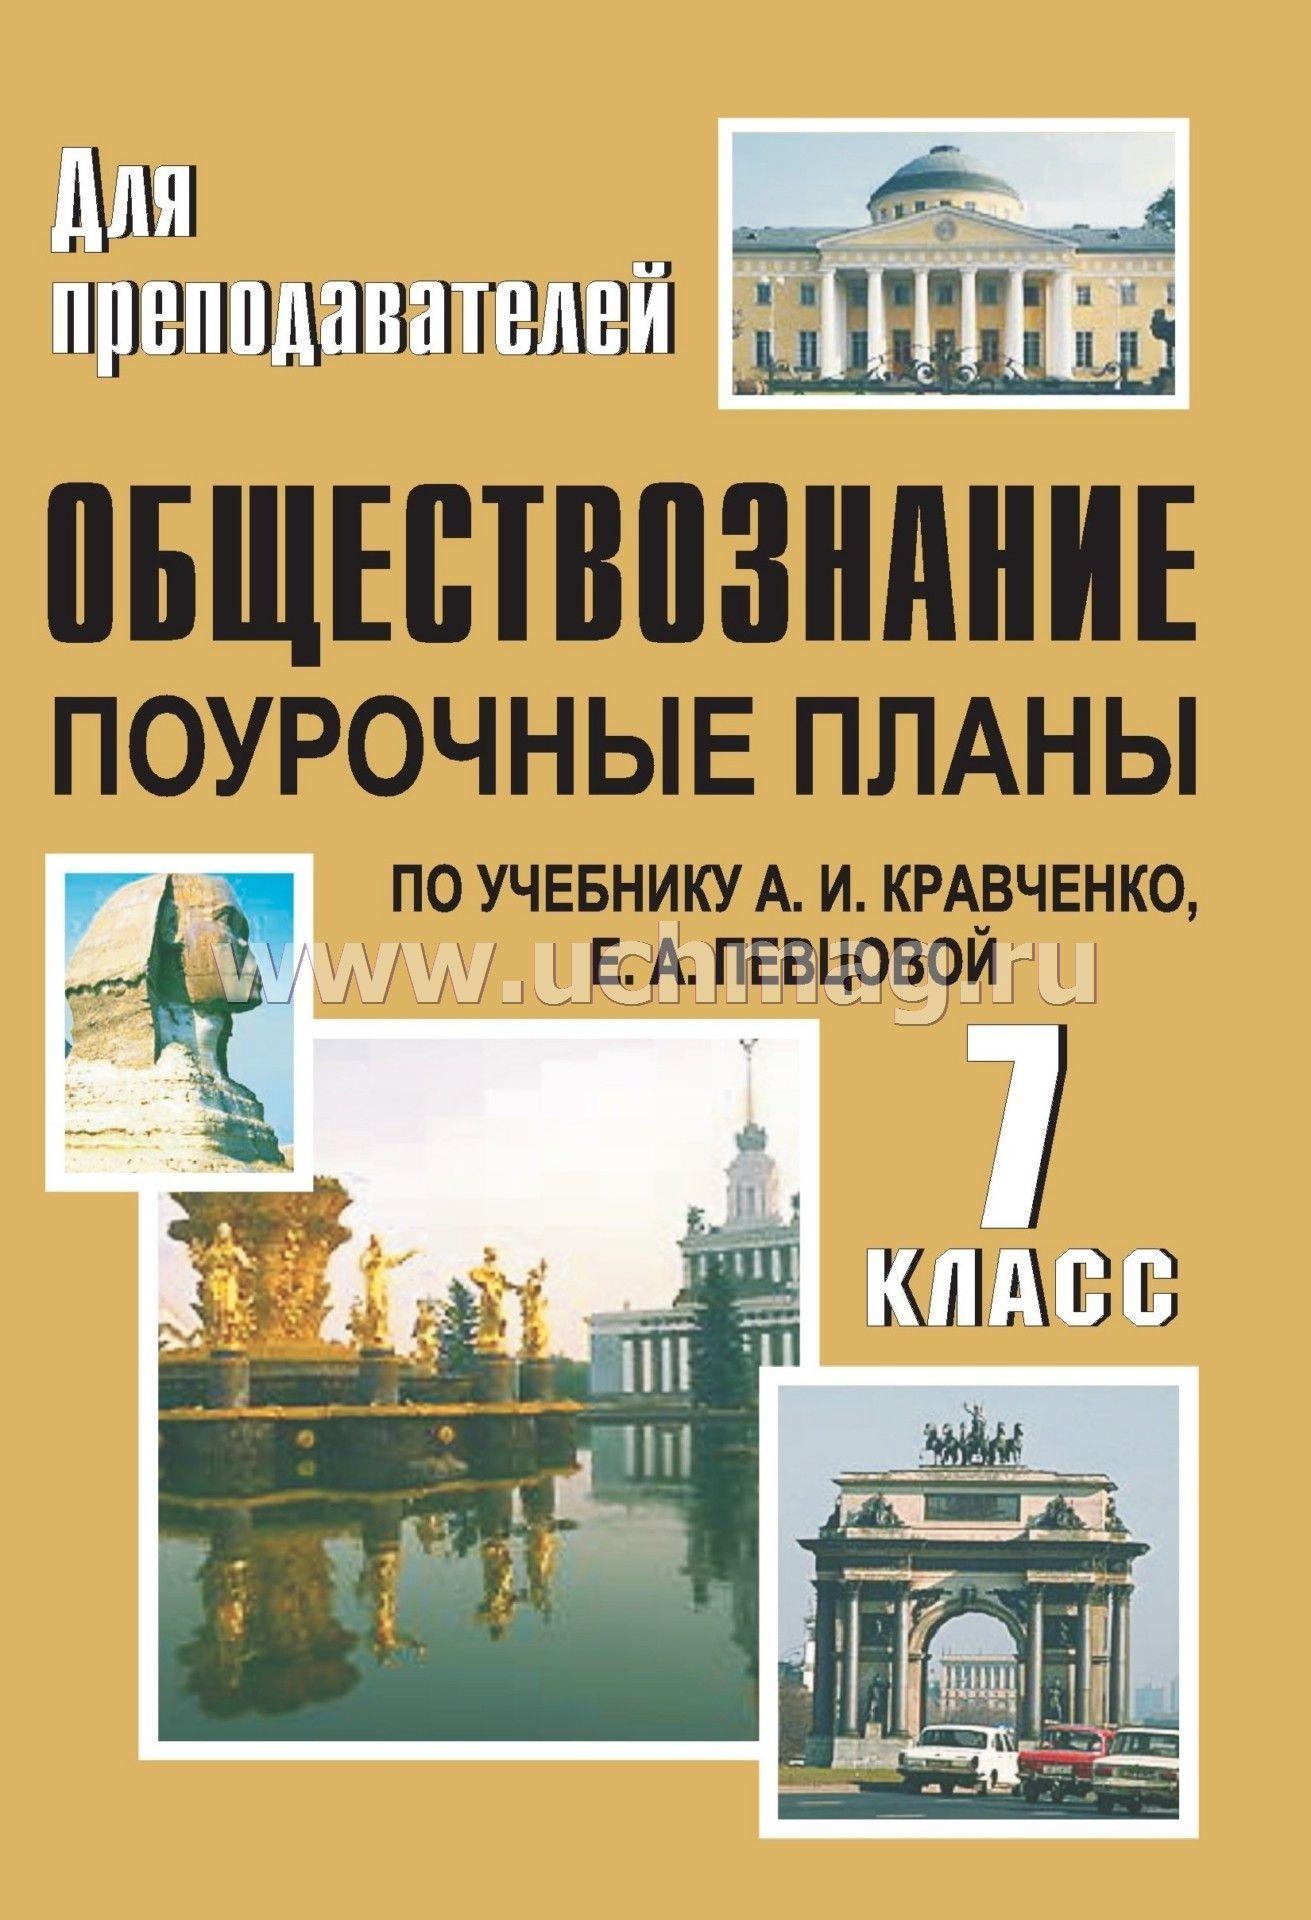 Поурочные планы обществознание по учебнику а.и кравченко 7 класс скачать